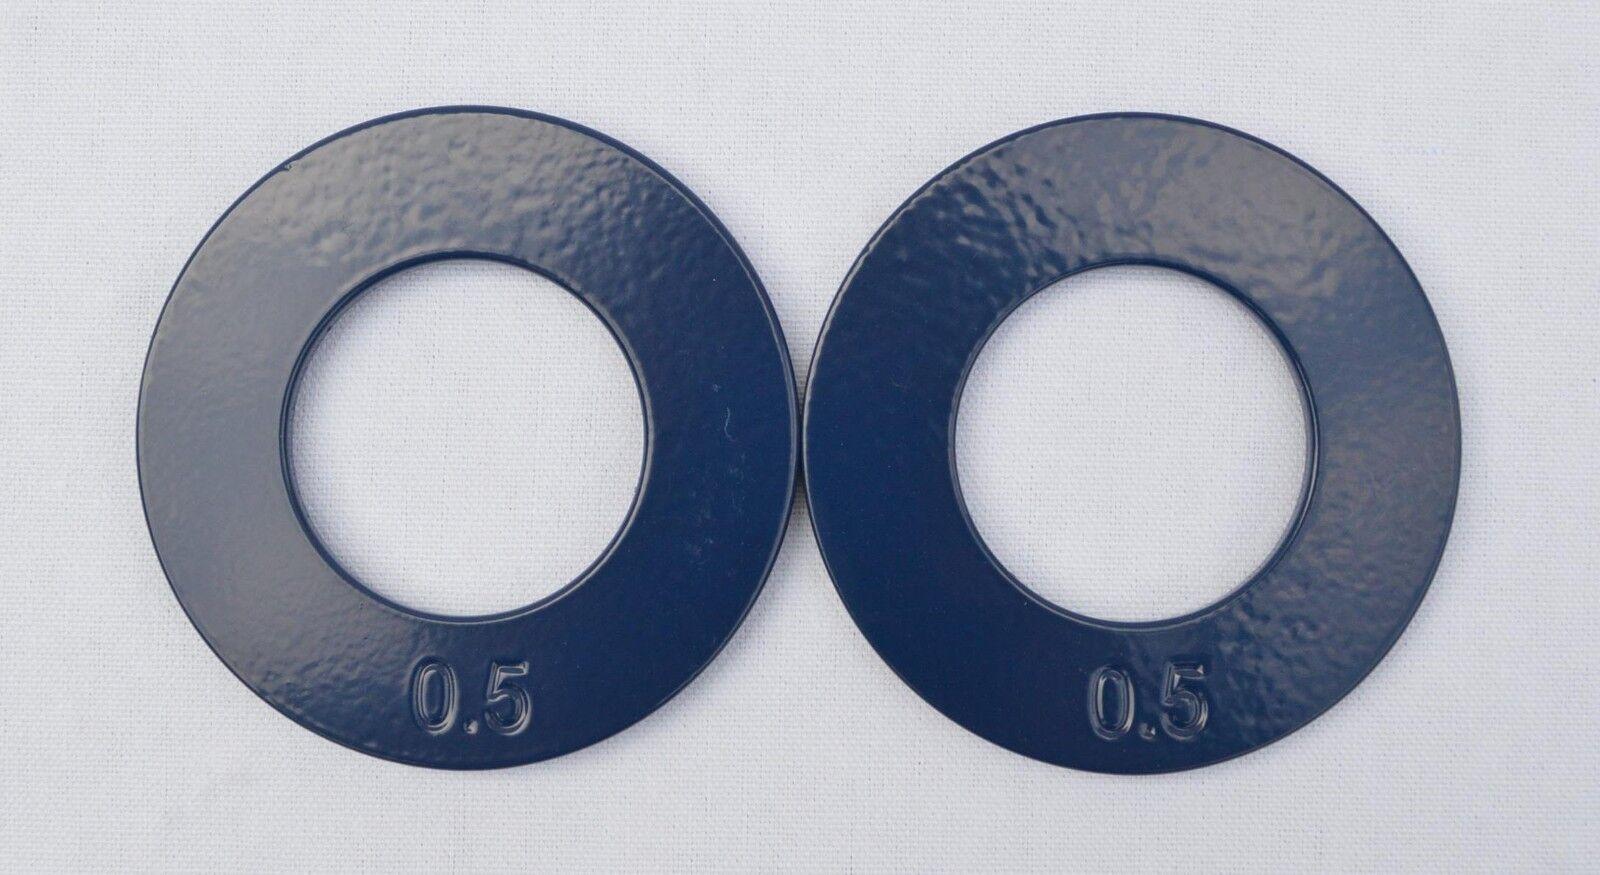 Quest 2  Olímpicos fraccional Placas-Juego De Dos 0.5 lb Placas